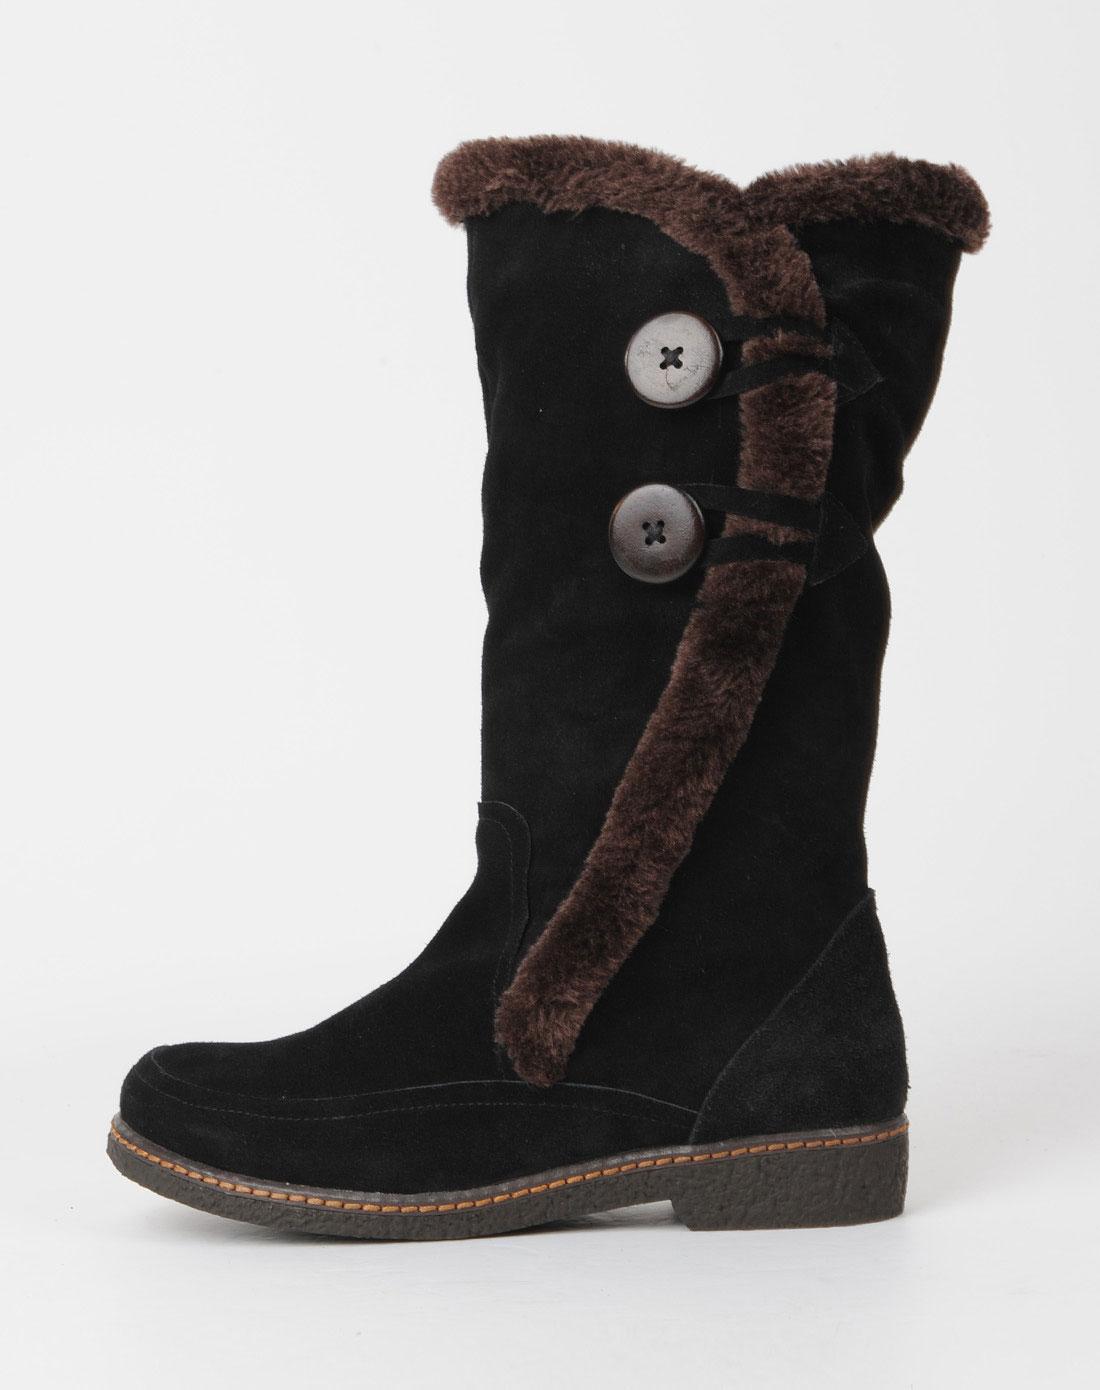 佐丹奴giordano女鞋女款黑色休闲鞋